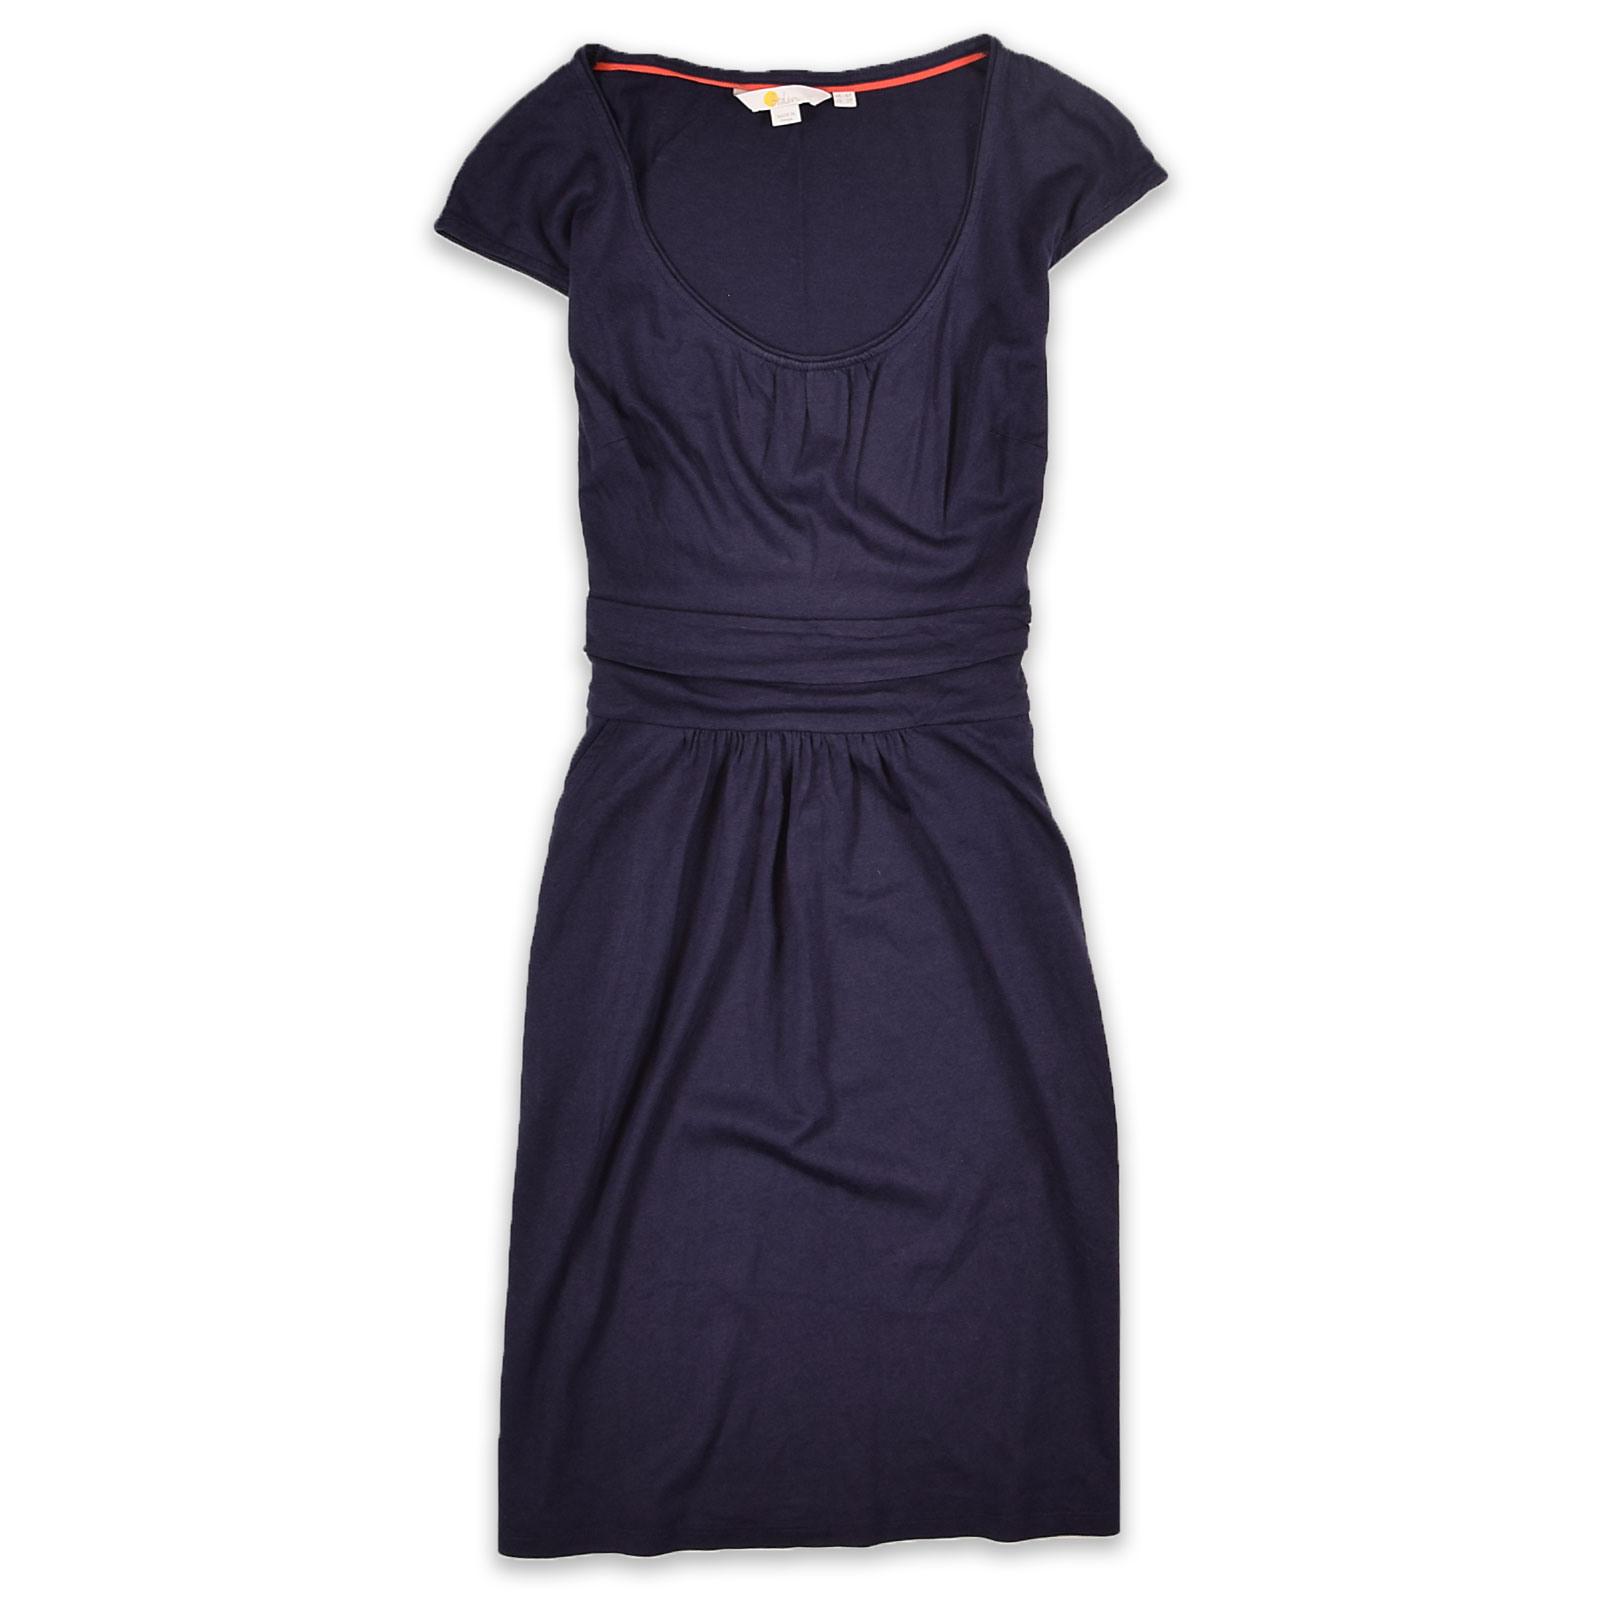 Boden Damen Kleid Dress Casual Freizeit Gr32 Sommerkleid